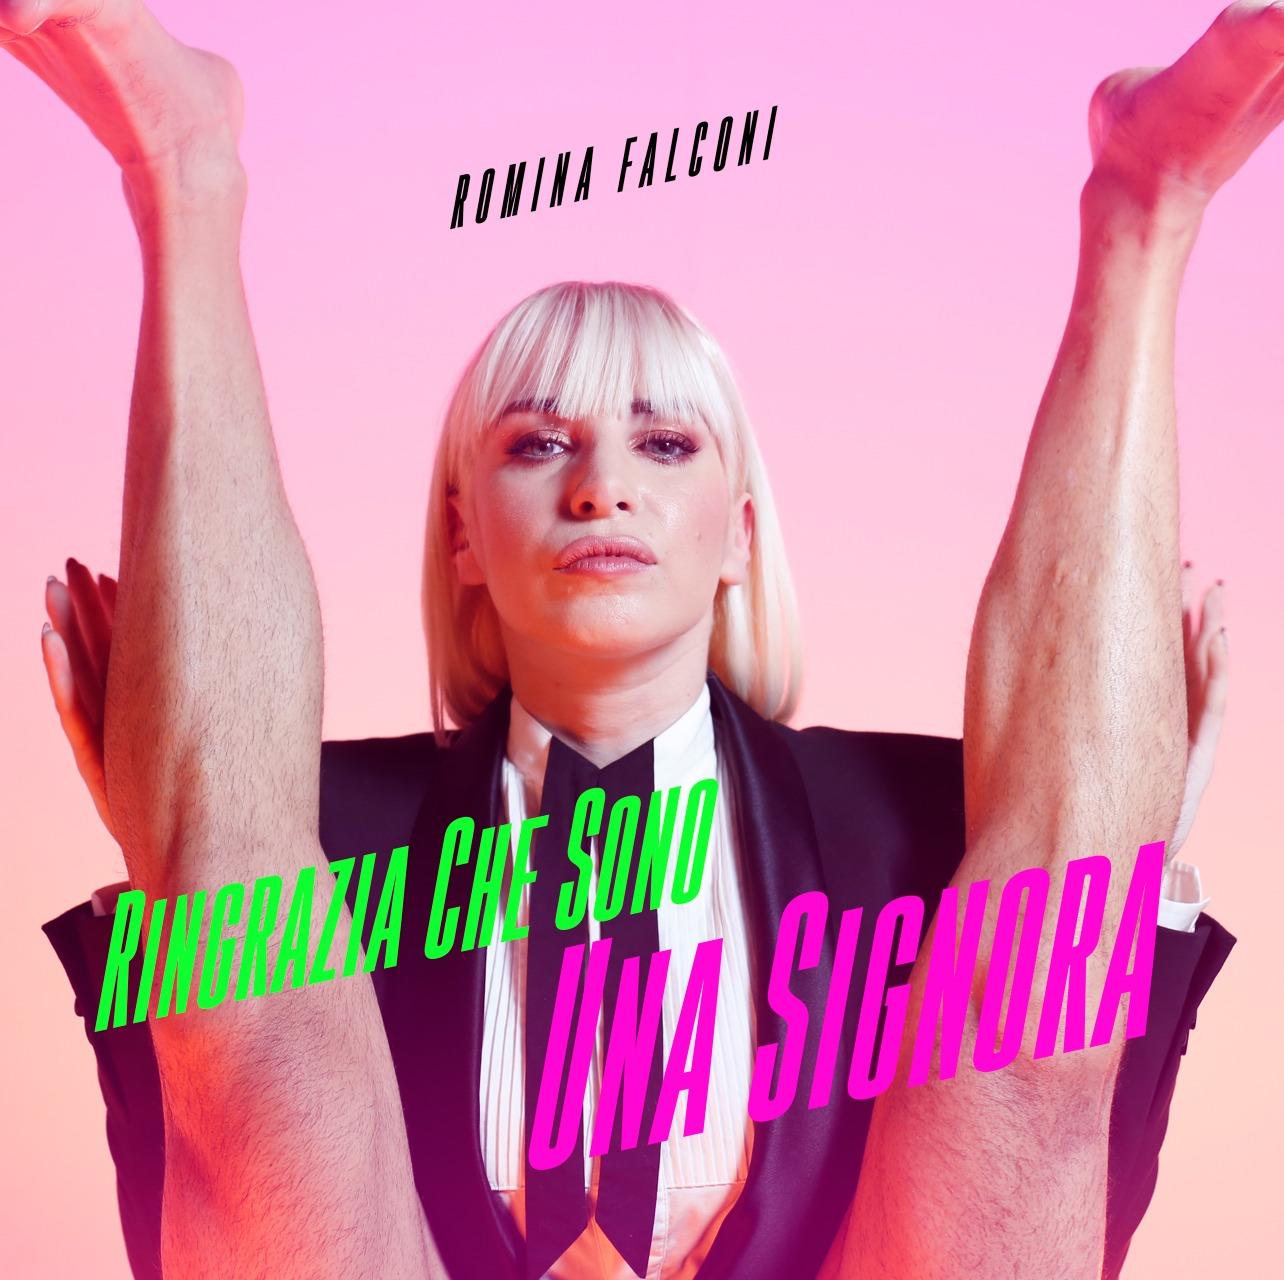 RINGRAZIA CHE SONO UNA SIGNORA è il nuovo singolo di ROMINA FALCONI